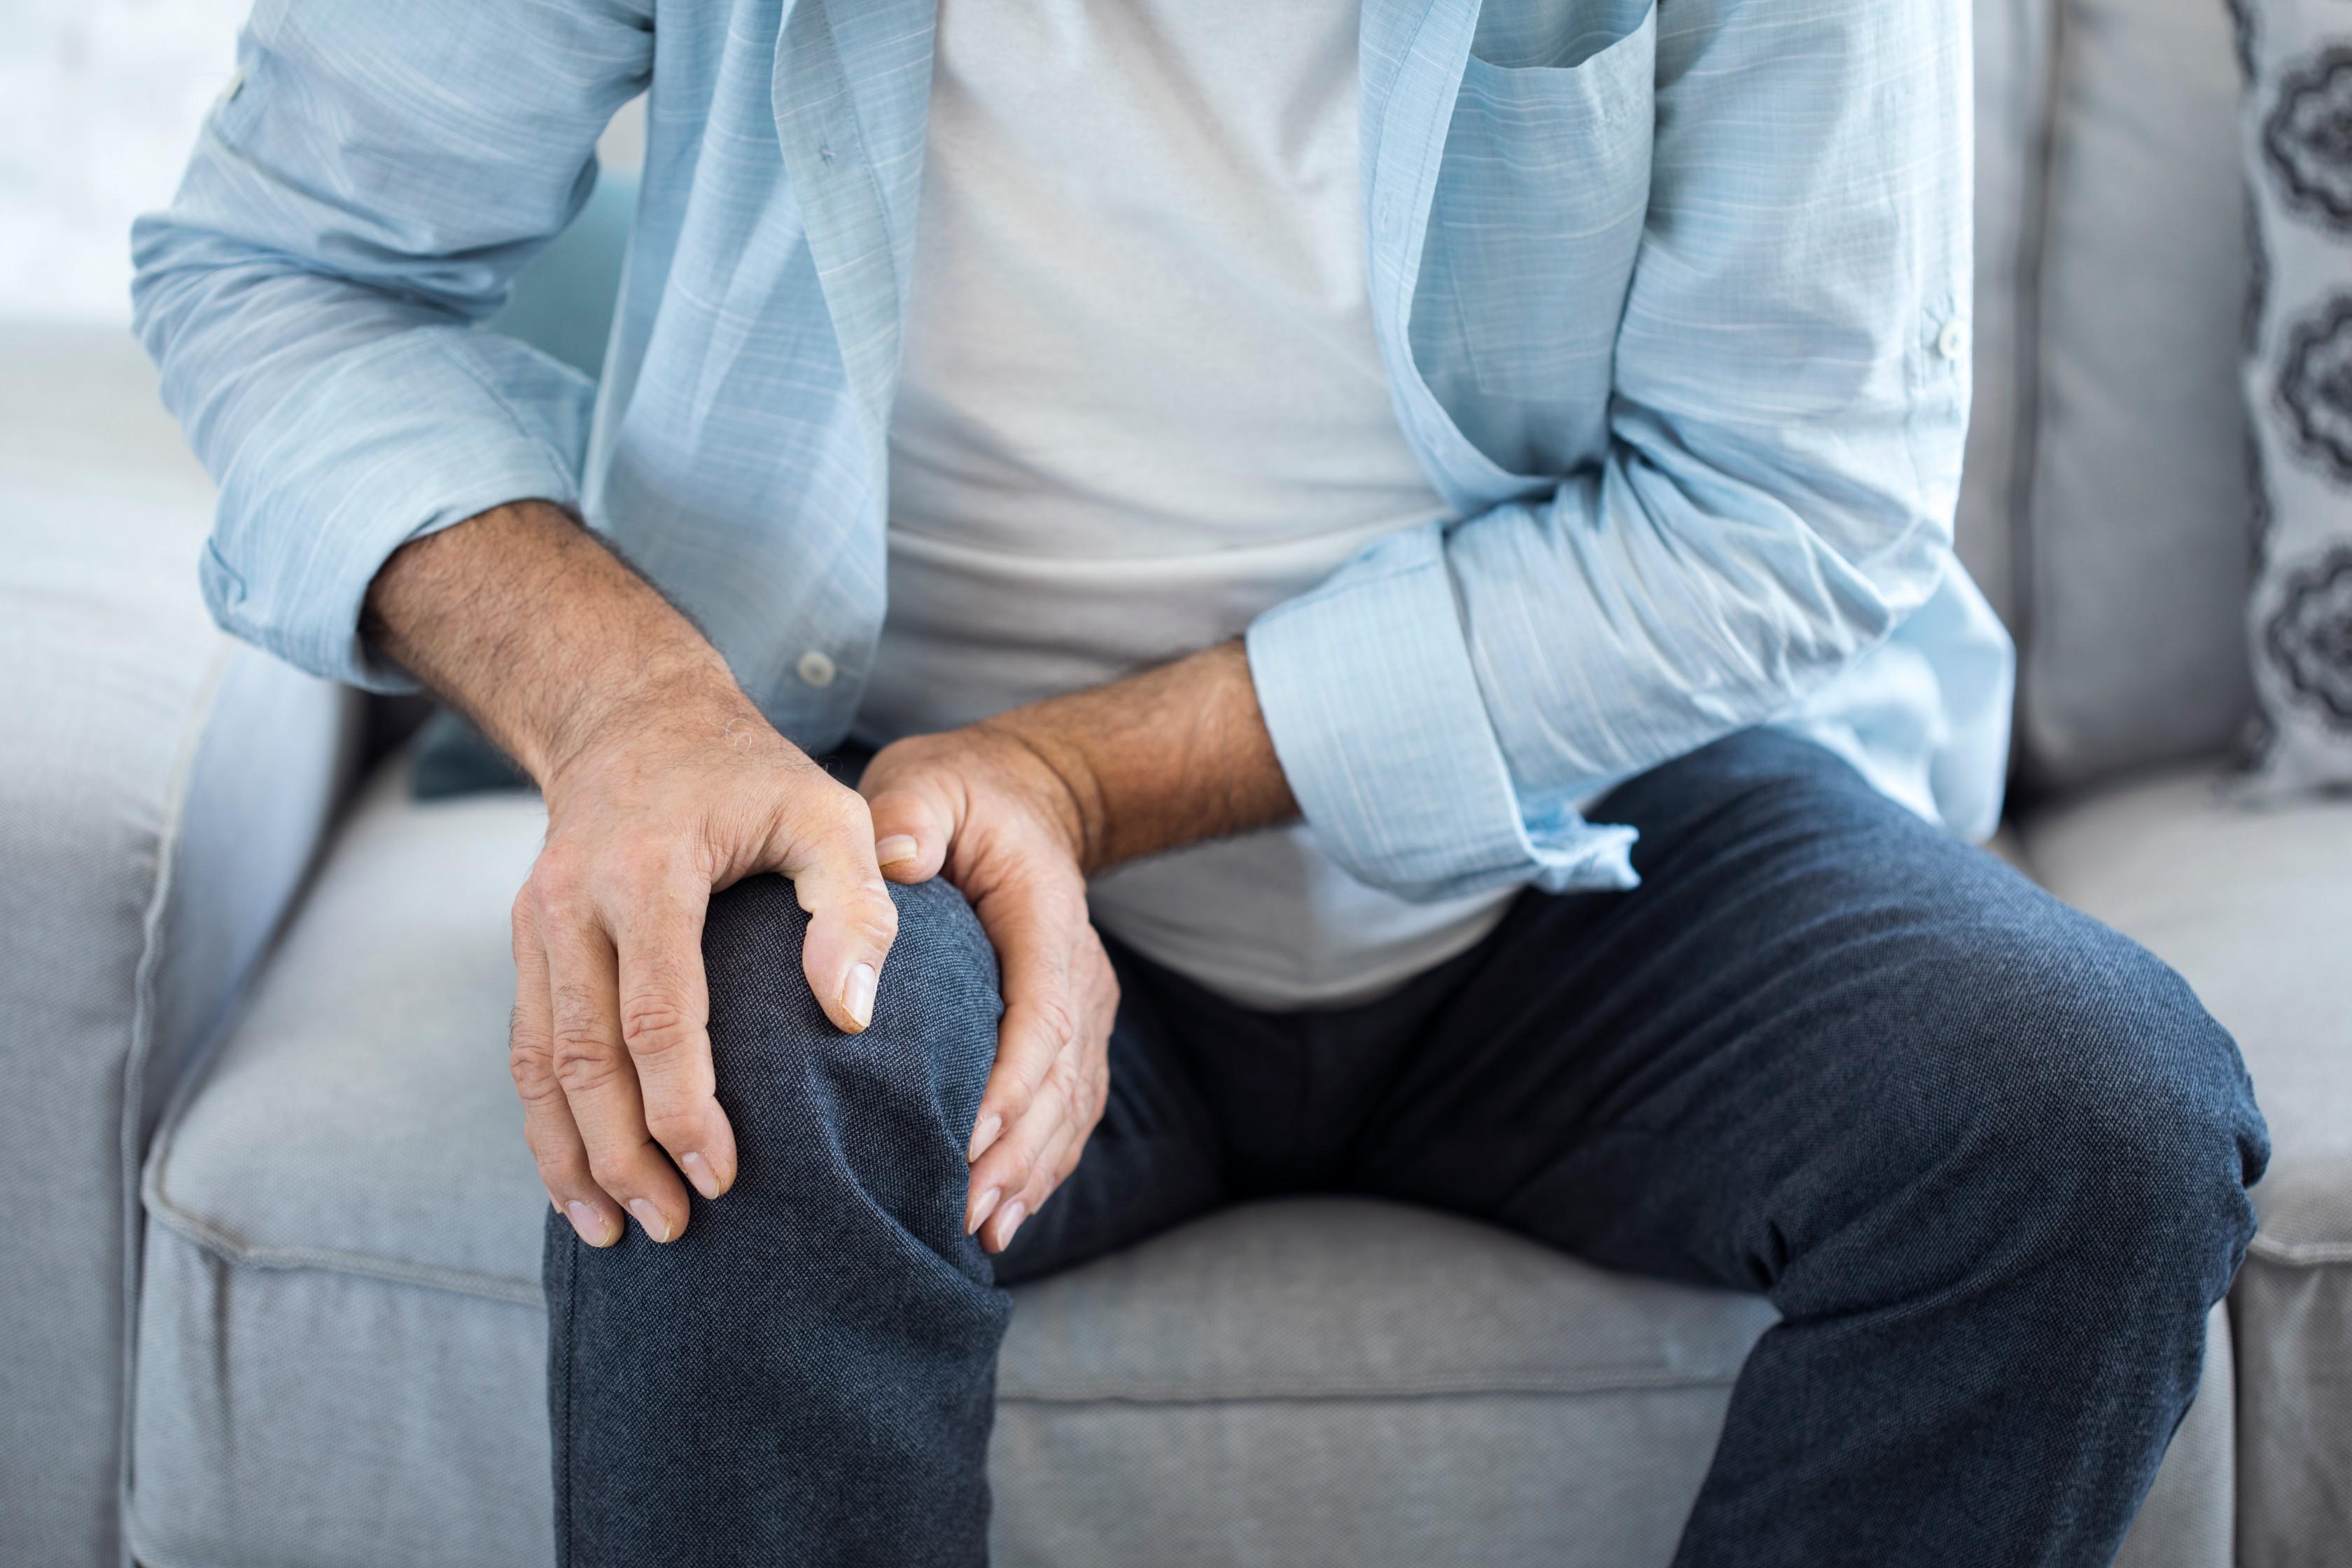 idős ember súlyos ízületi fájdalma